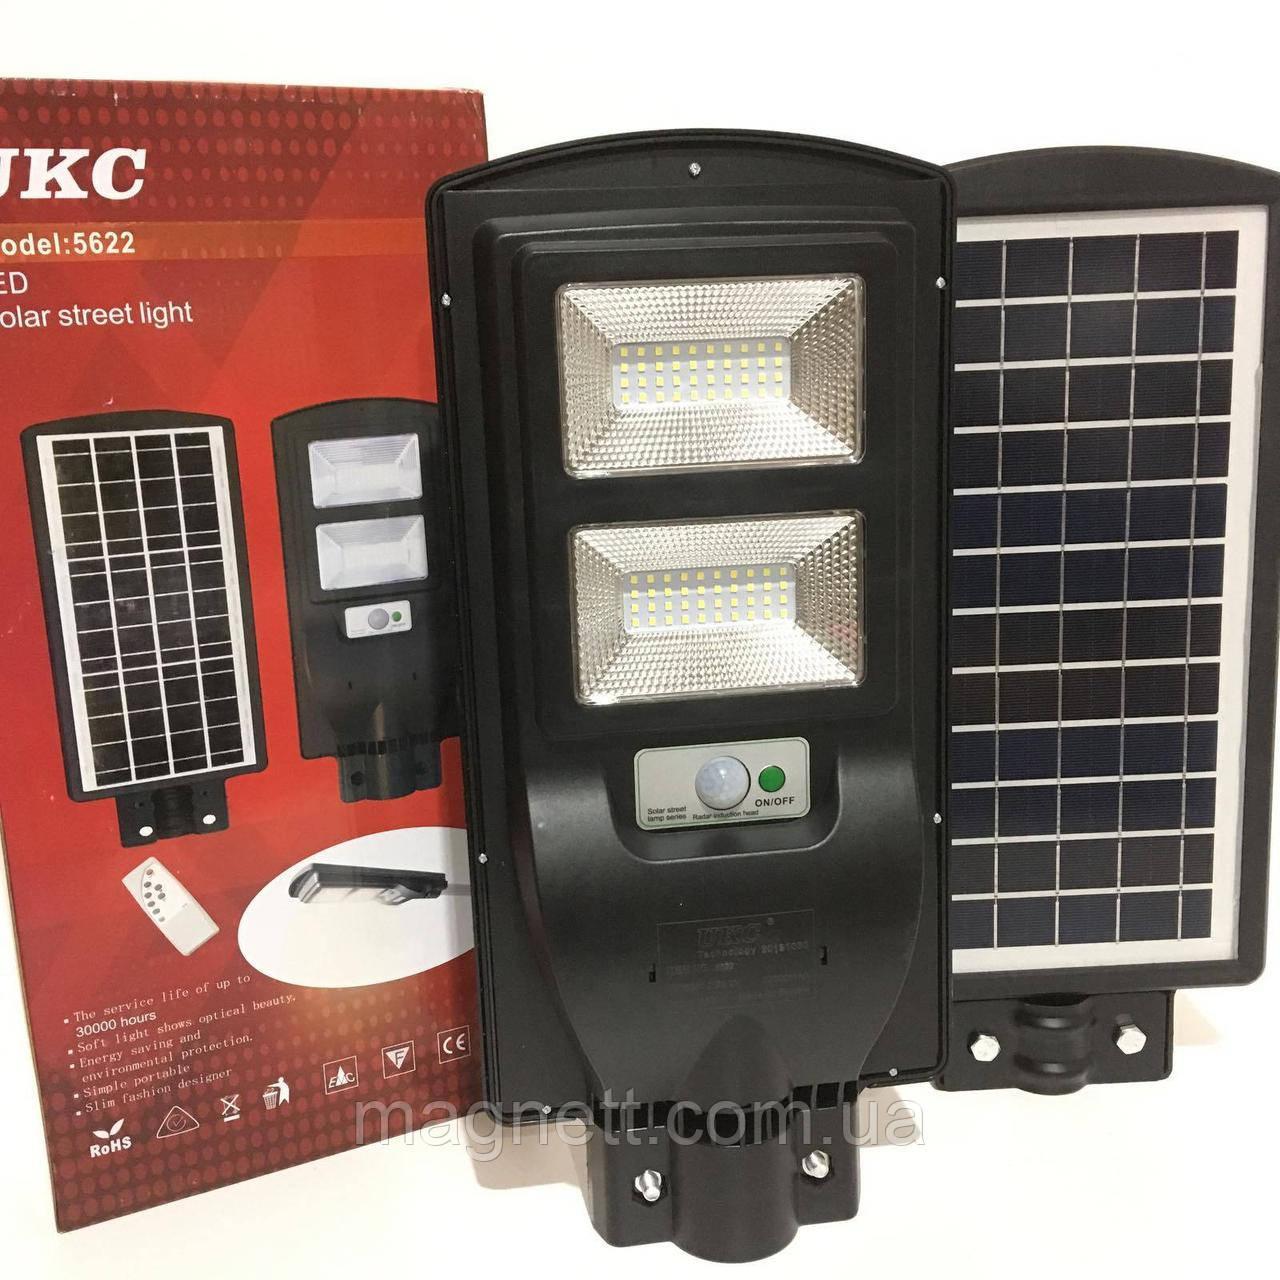 Светодиодный уличный прожектор на солнечной батарее LED Solar Street Light 90W UKC + Пульт